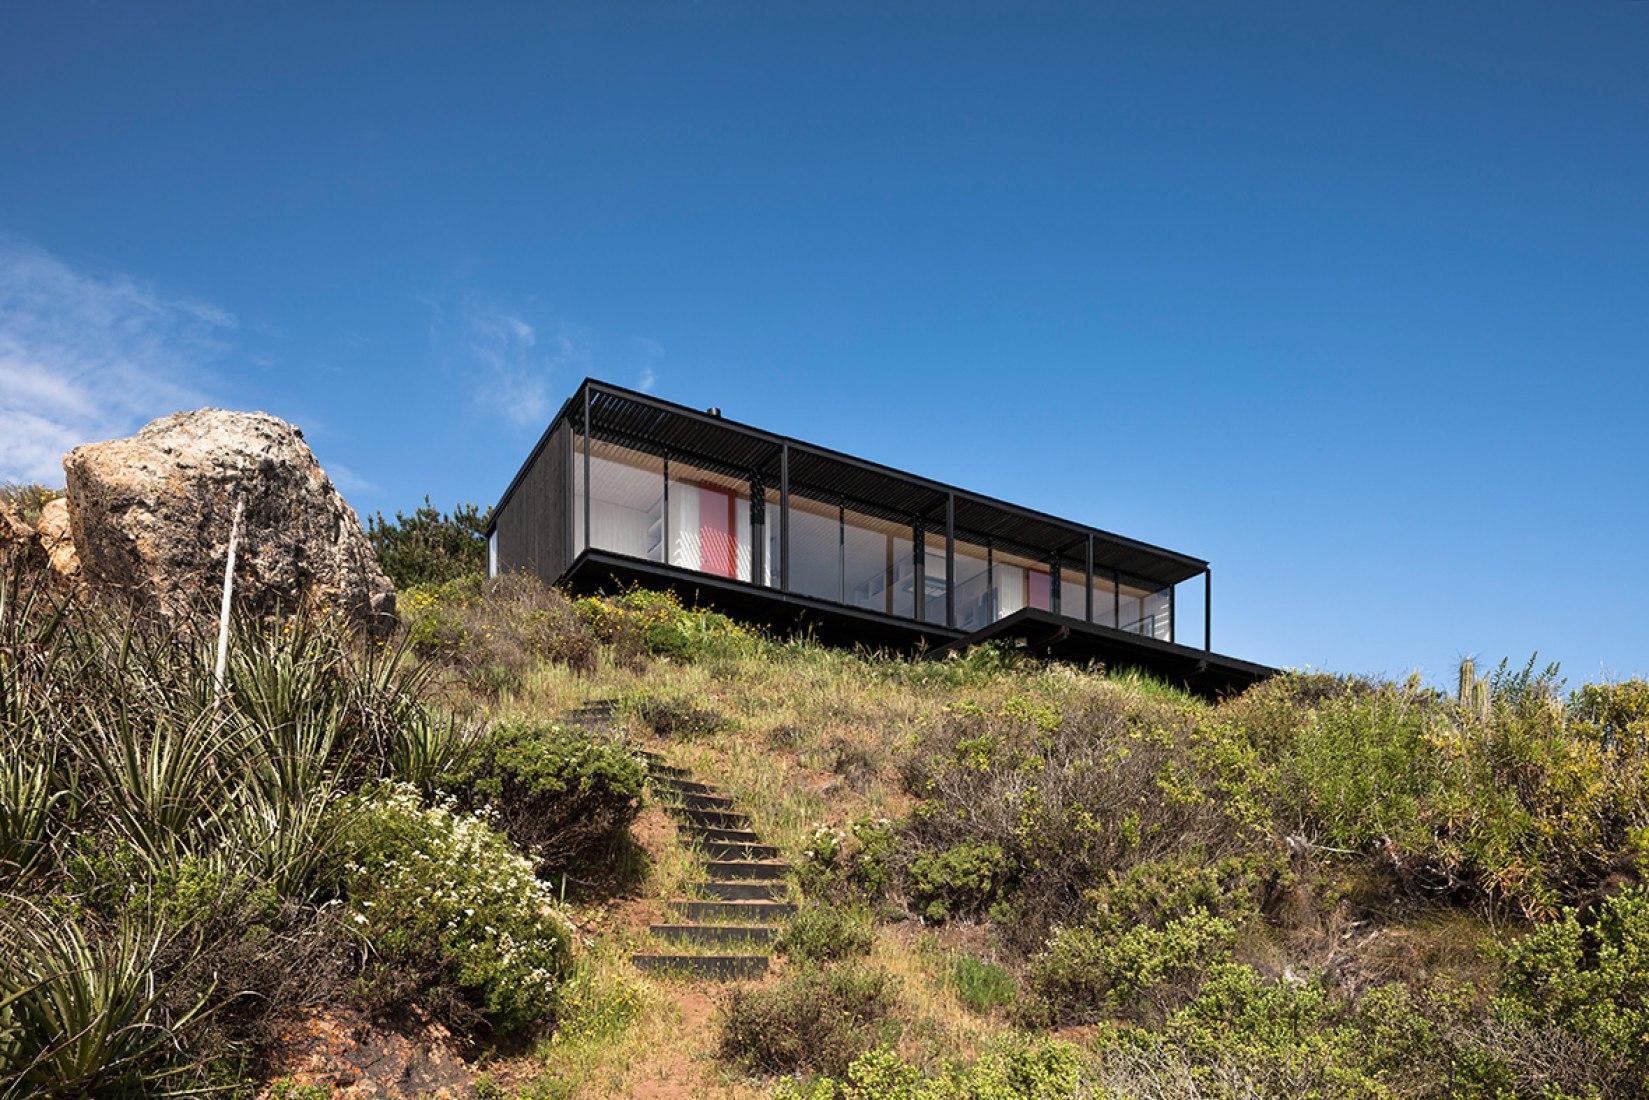 Exterior view. Casa Remota by Felipe Assadi Arquitectos. Photography © Fernando Alda